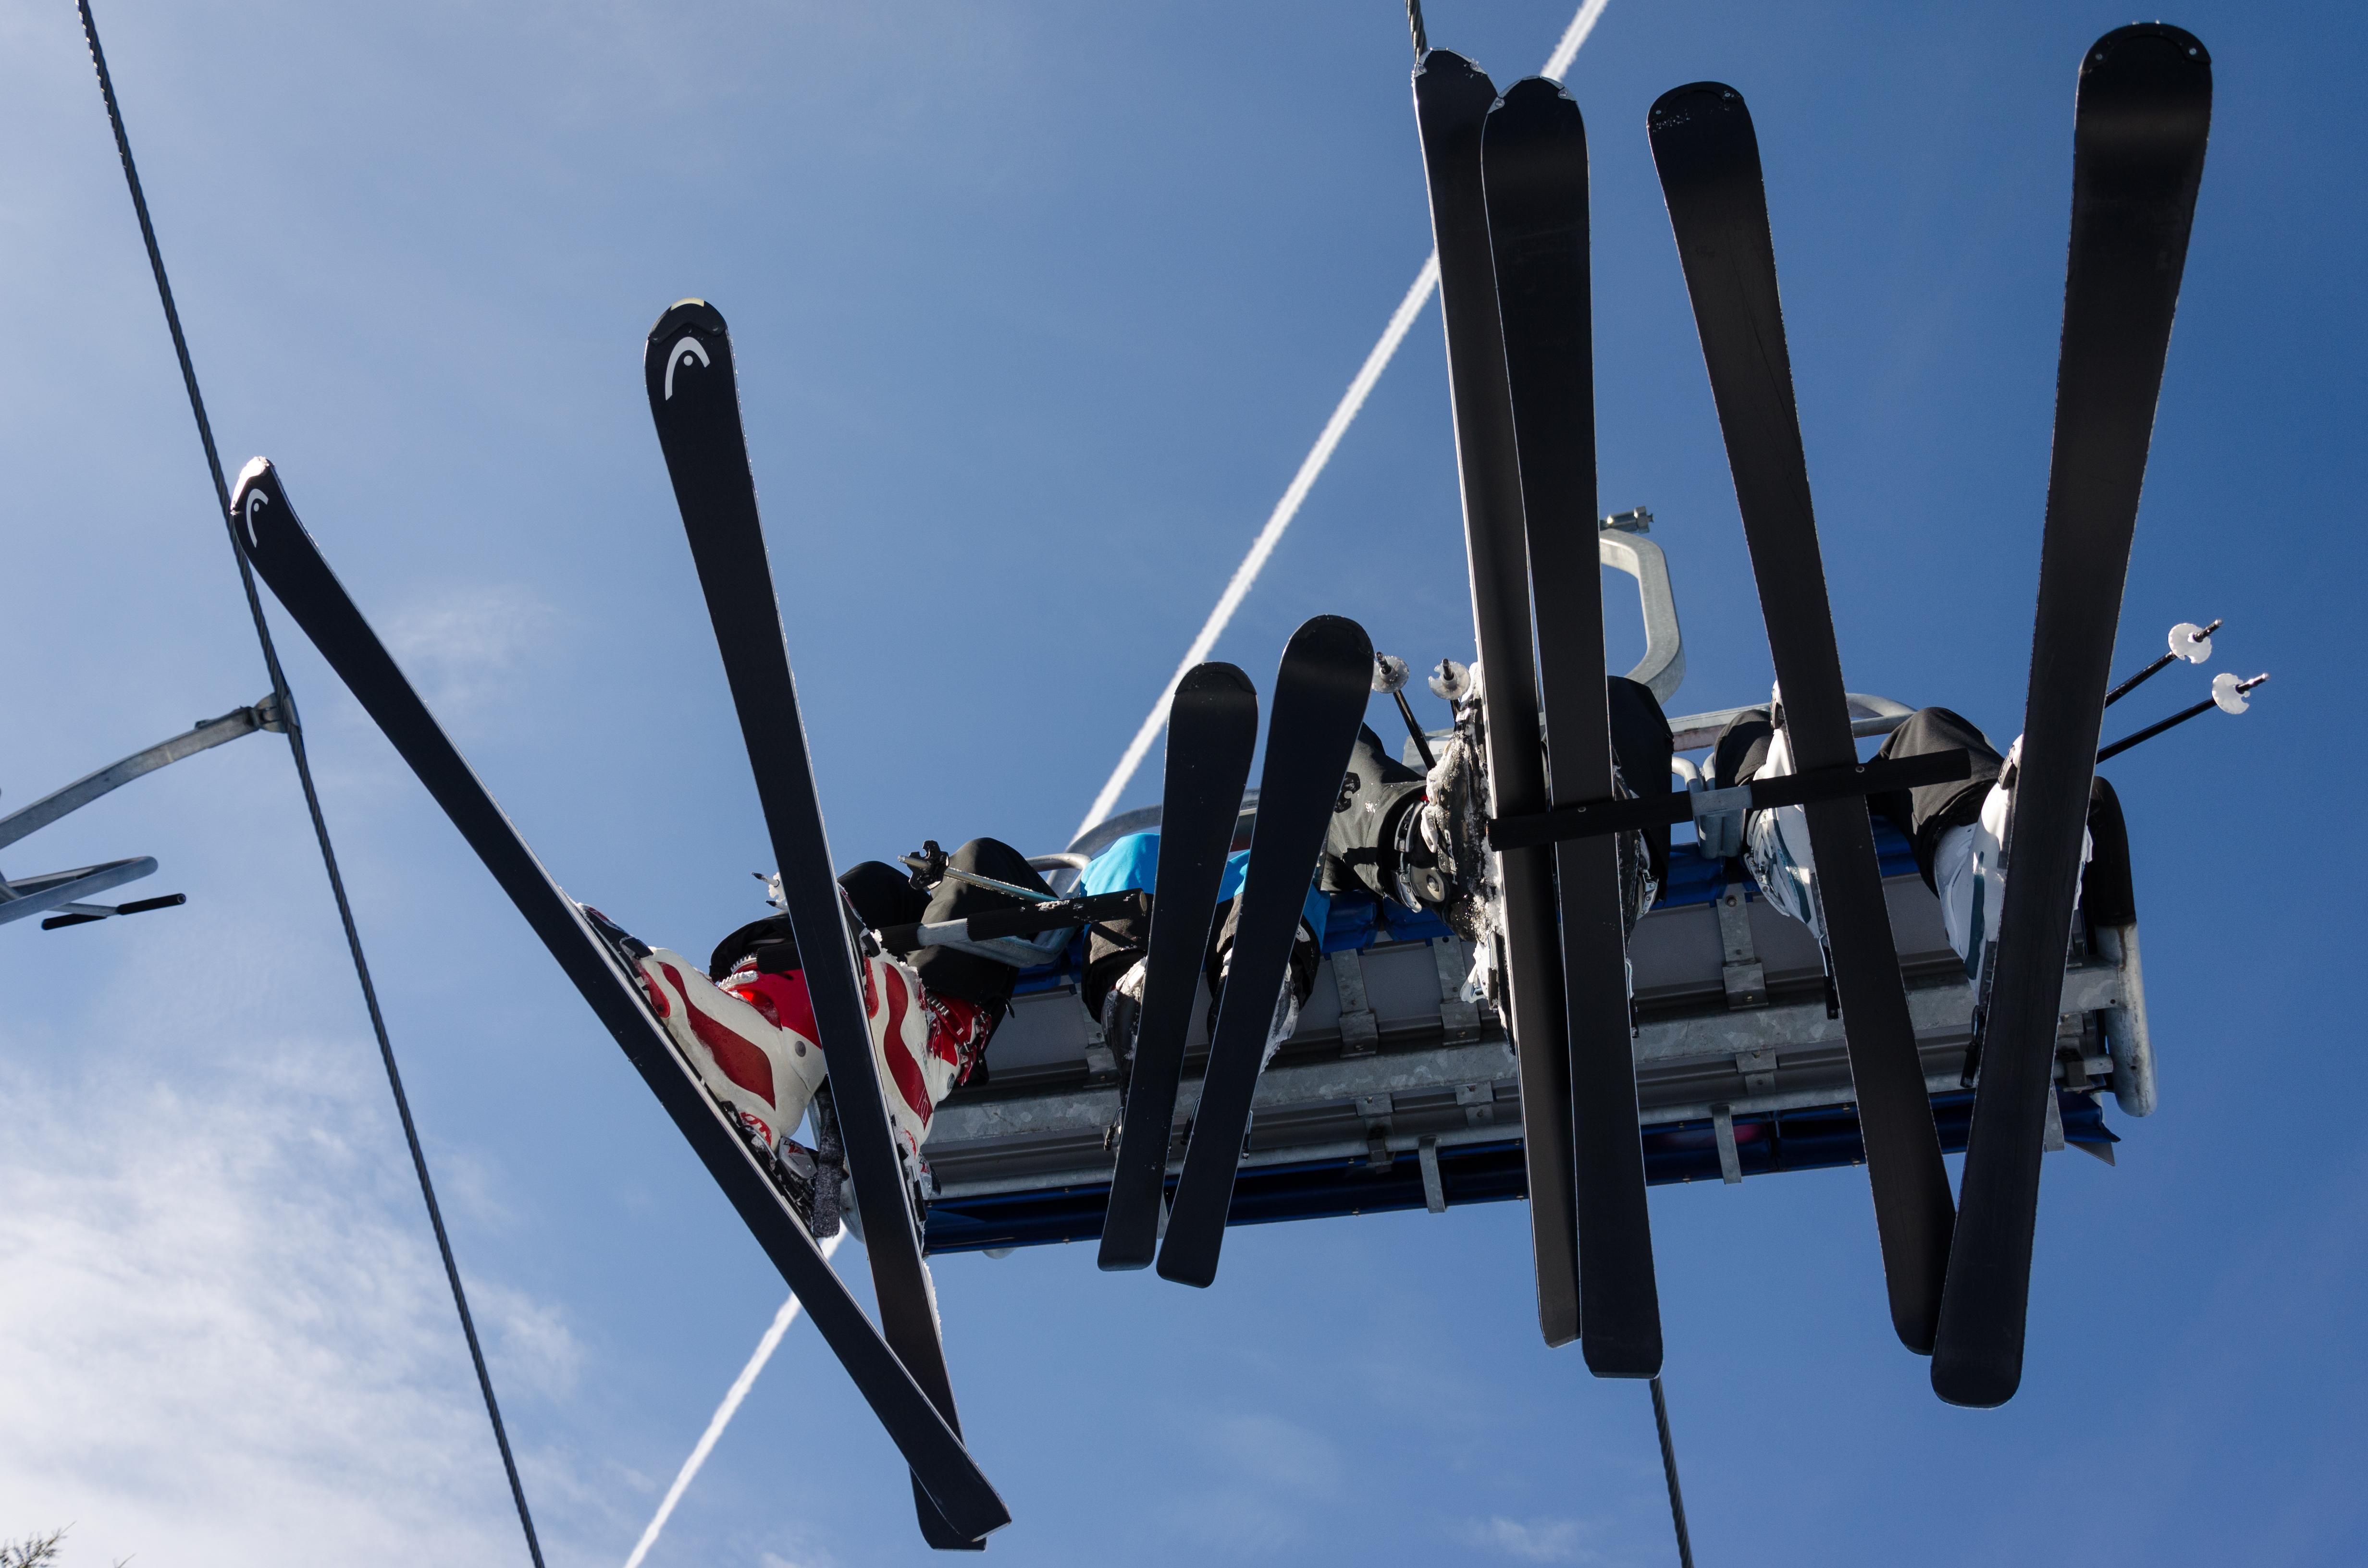 Skifahren_Reportage (12 von 13)